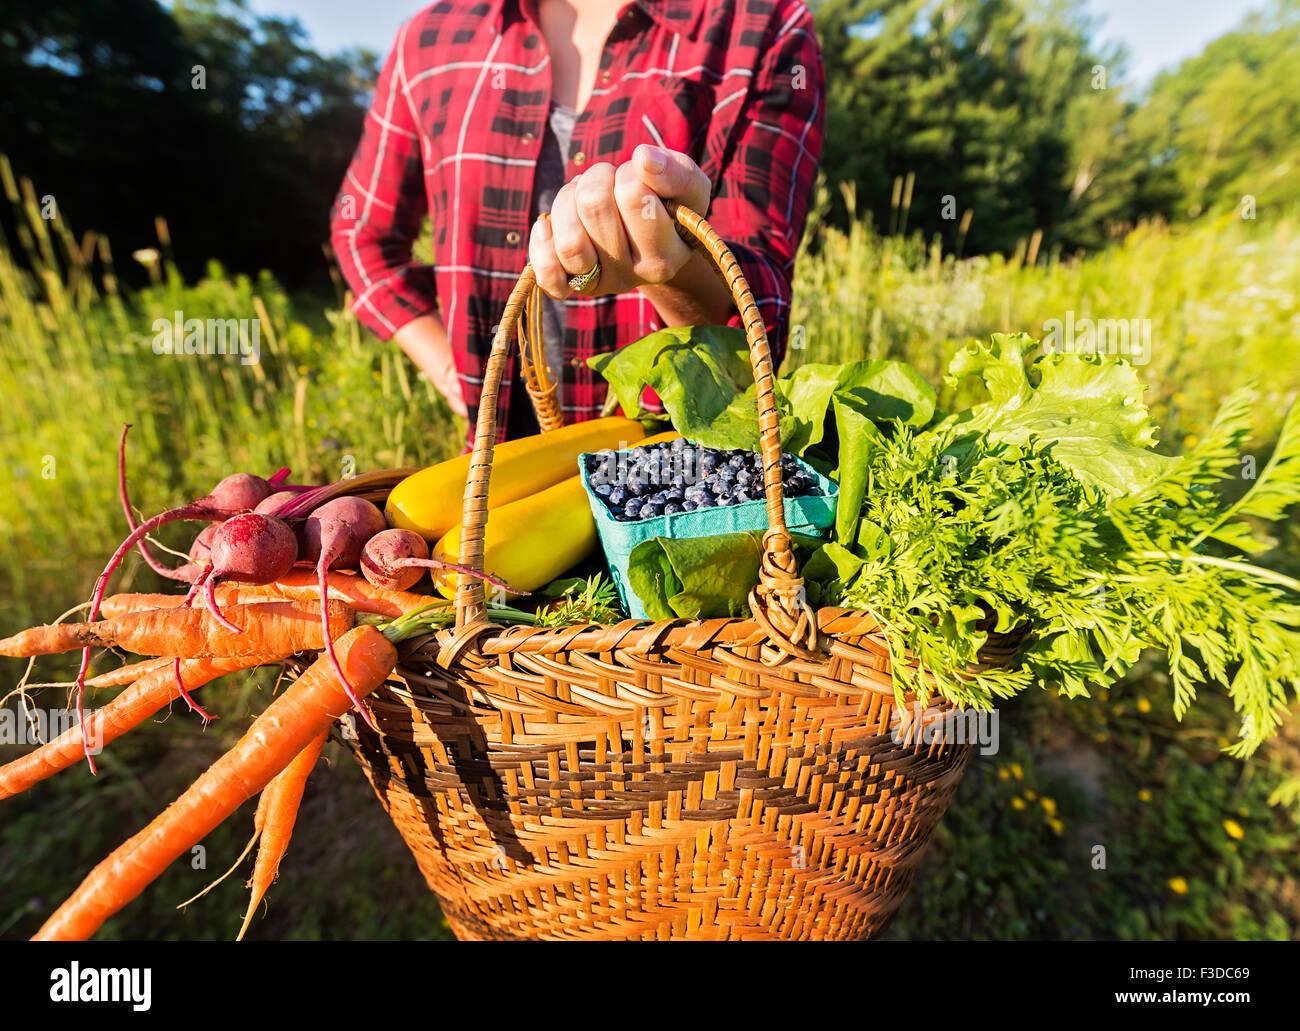 La sezione centrale della donna azienda cesto con frutta e verdura Immagini Stock